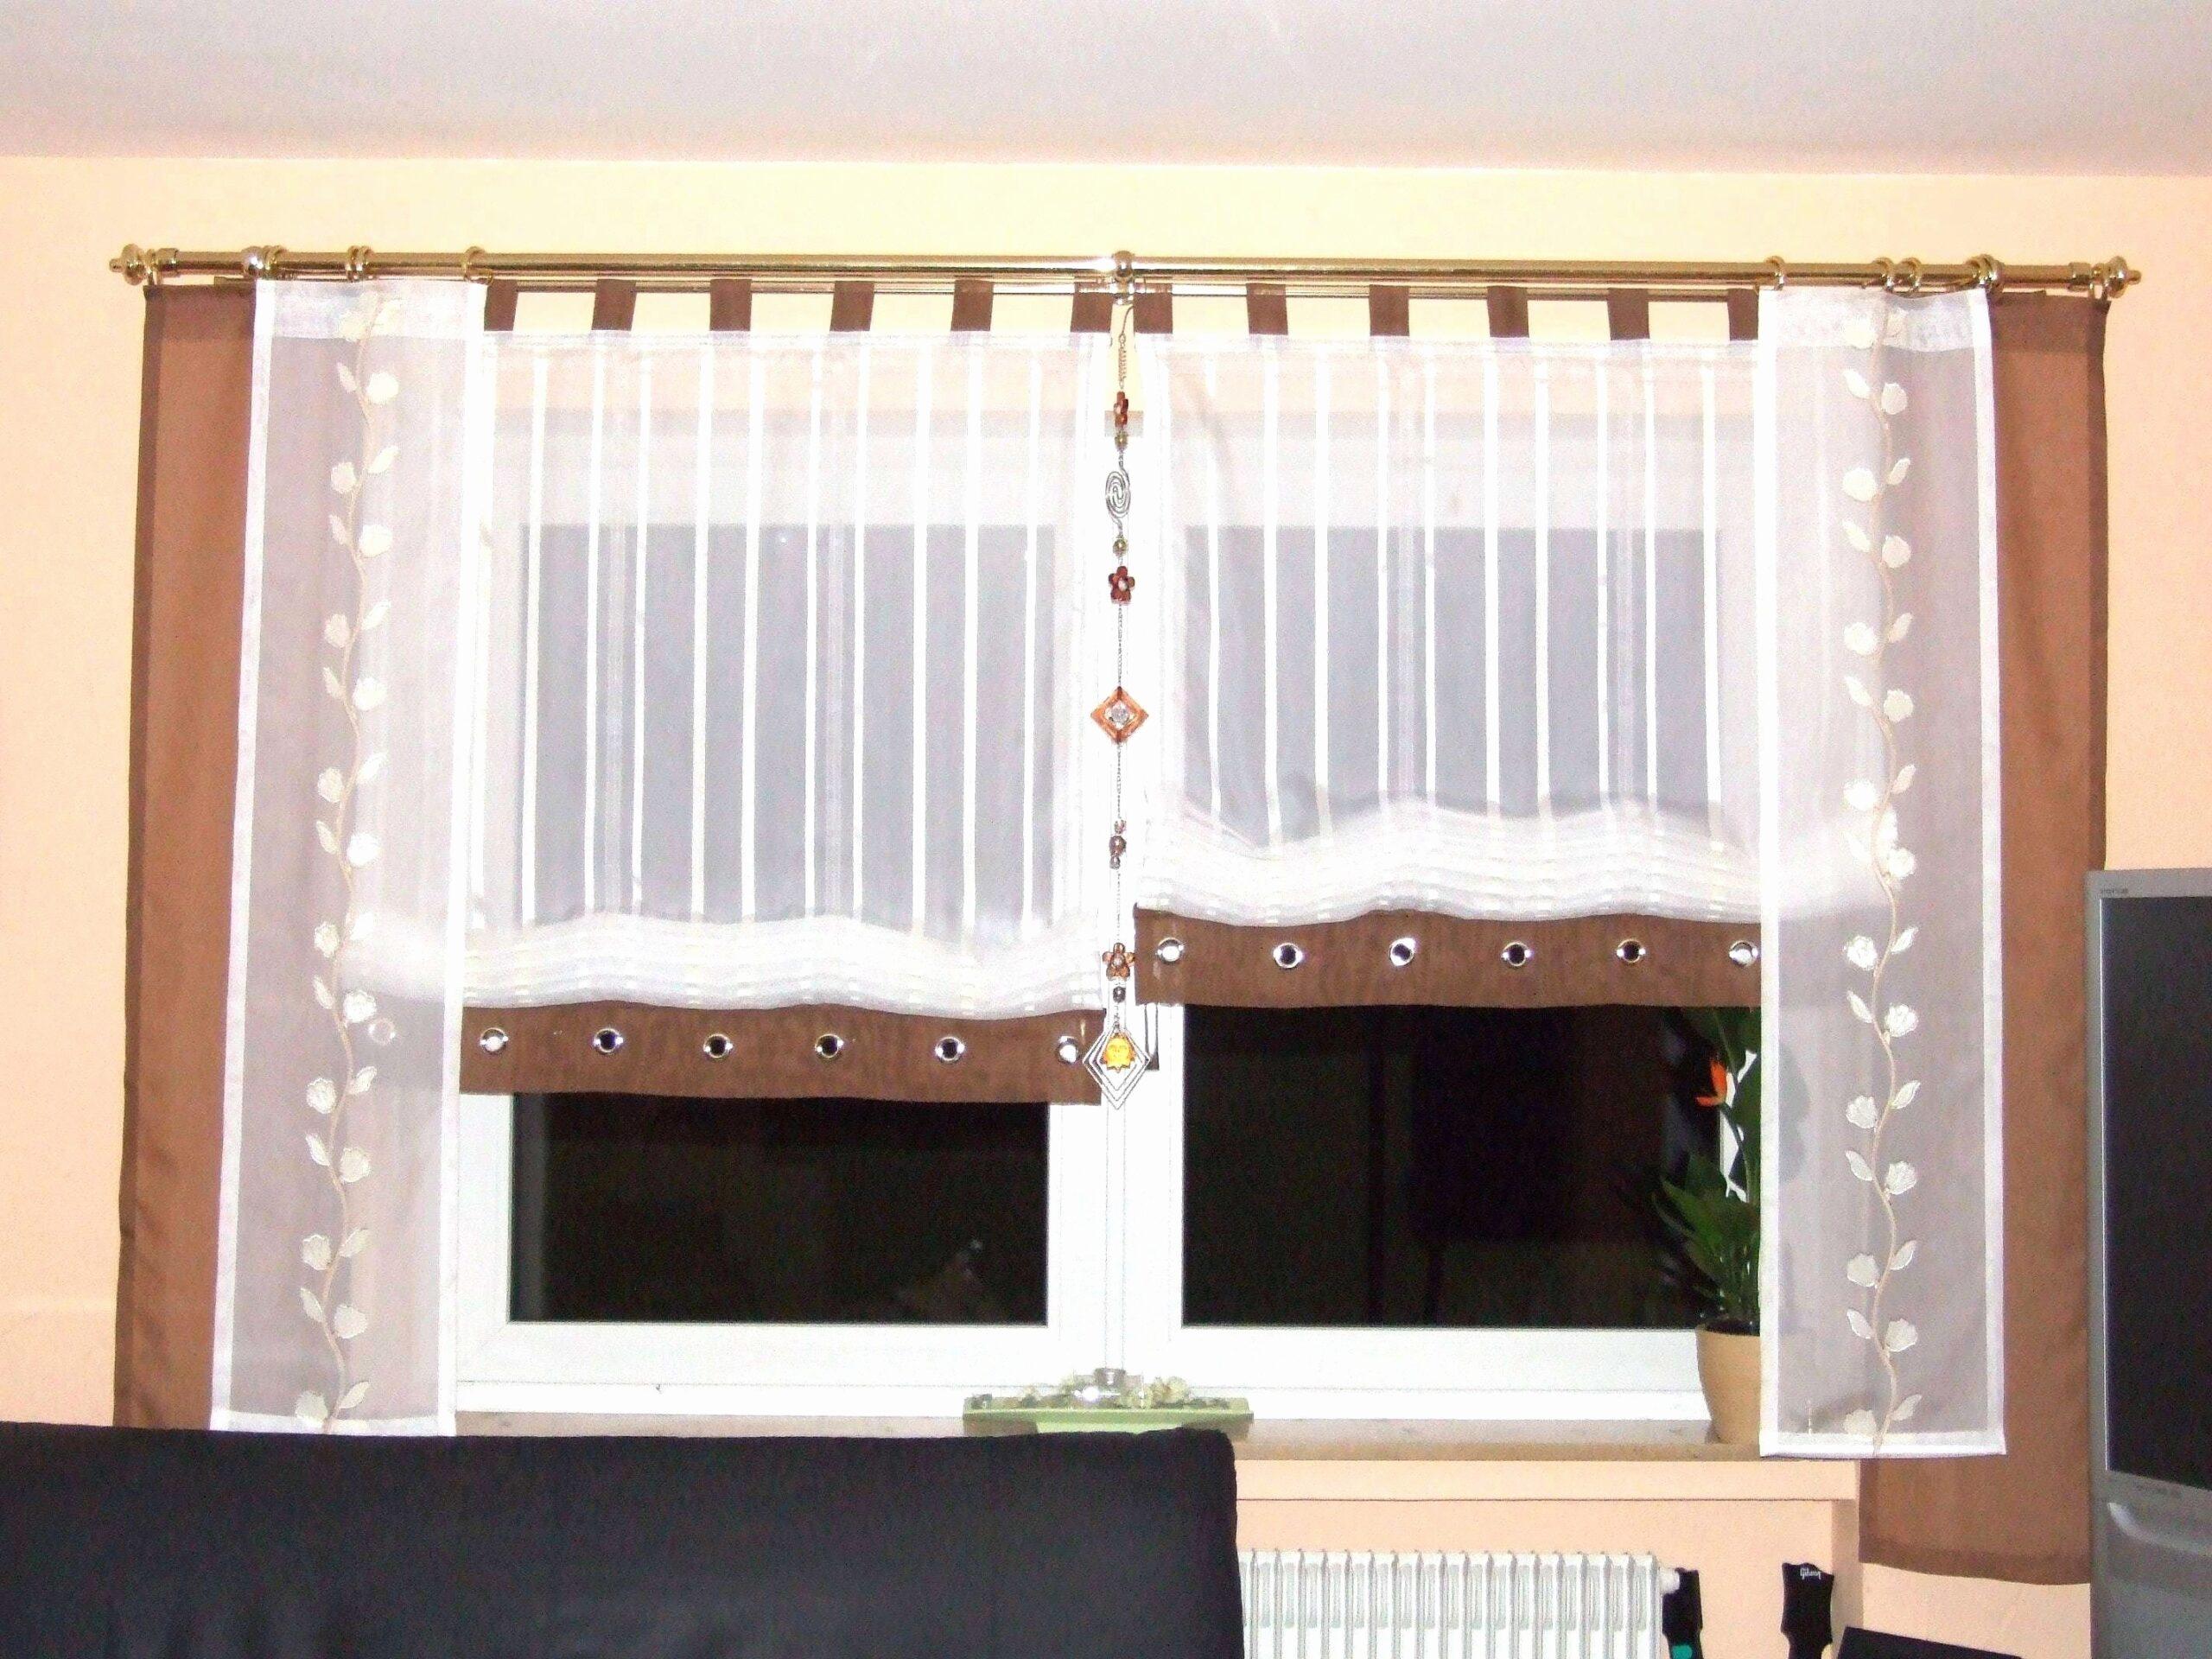 Full Size of Scheibengardinen Küche Gardinen Für Die Bogenlampe Esstisch Schlafzimmer Wohnzimmer Fenster Wohnzimmer Bogen Gardinen